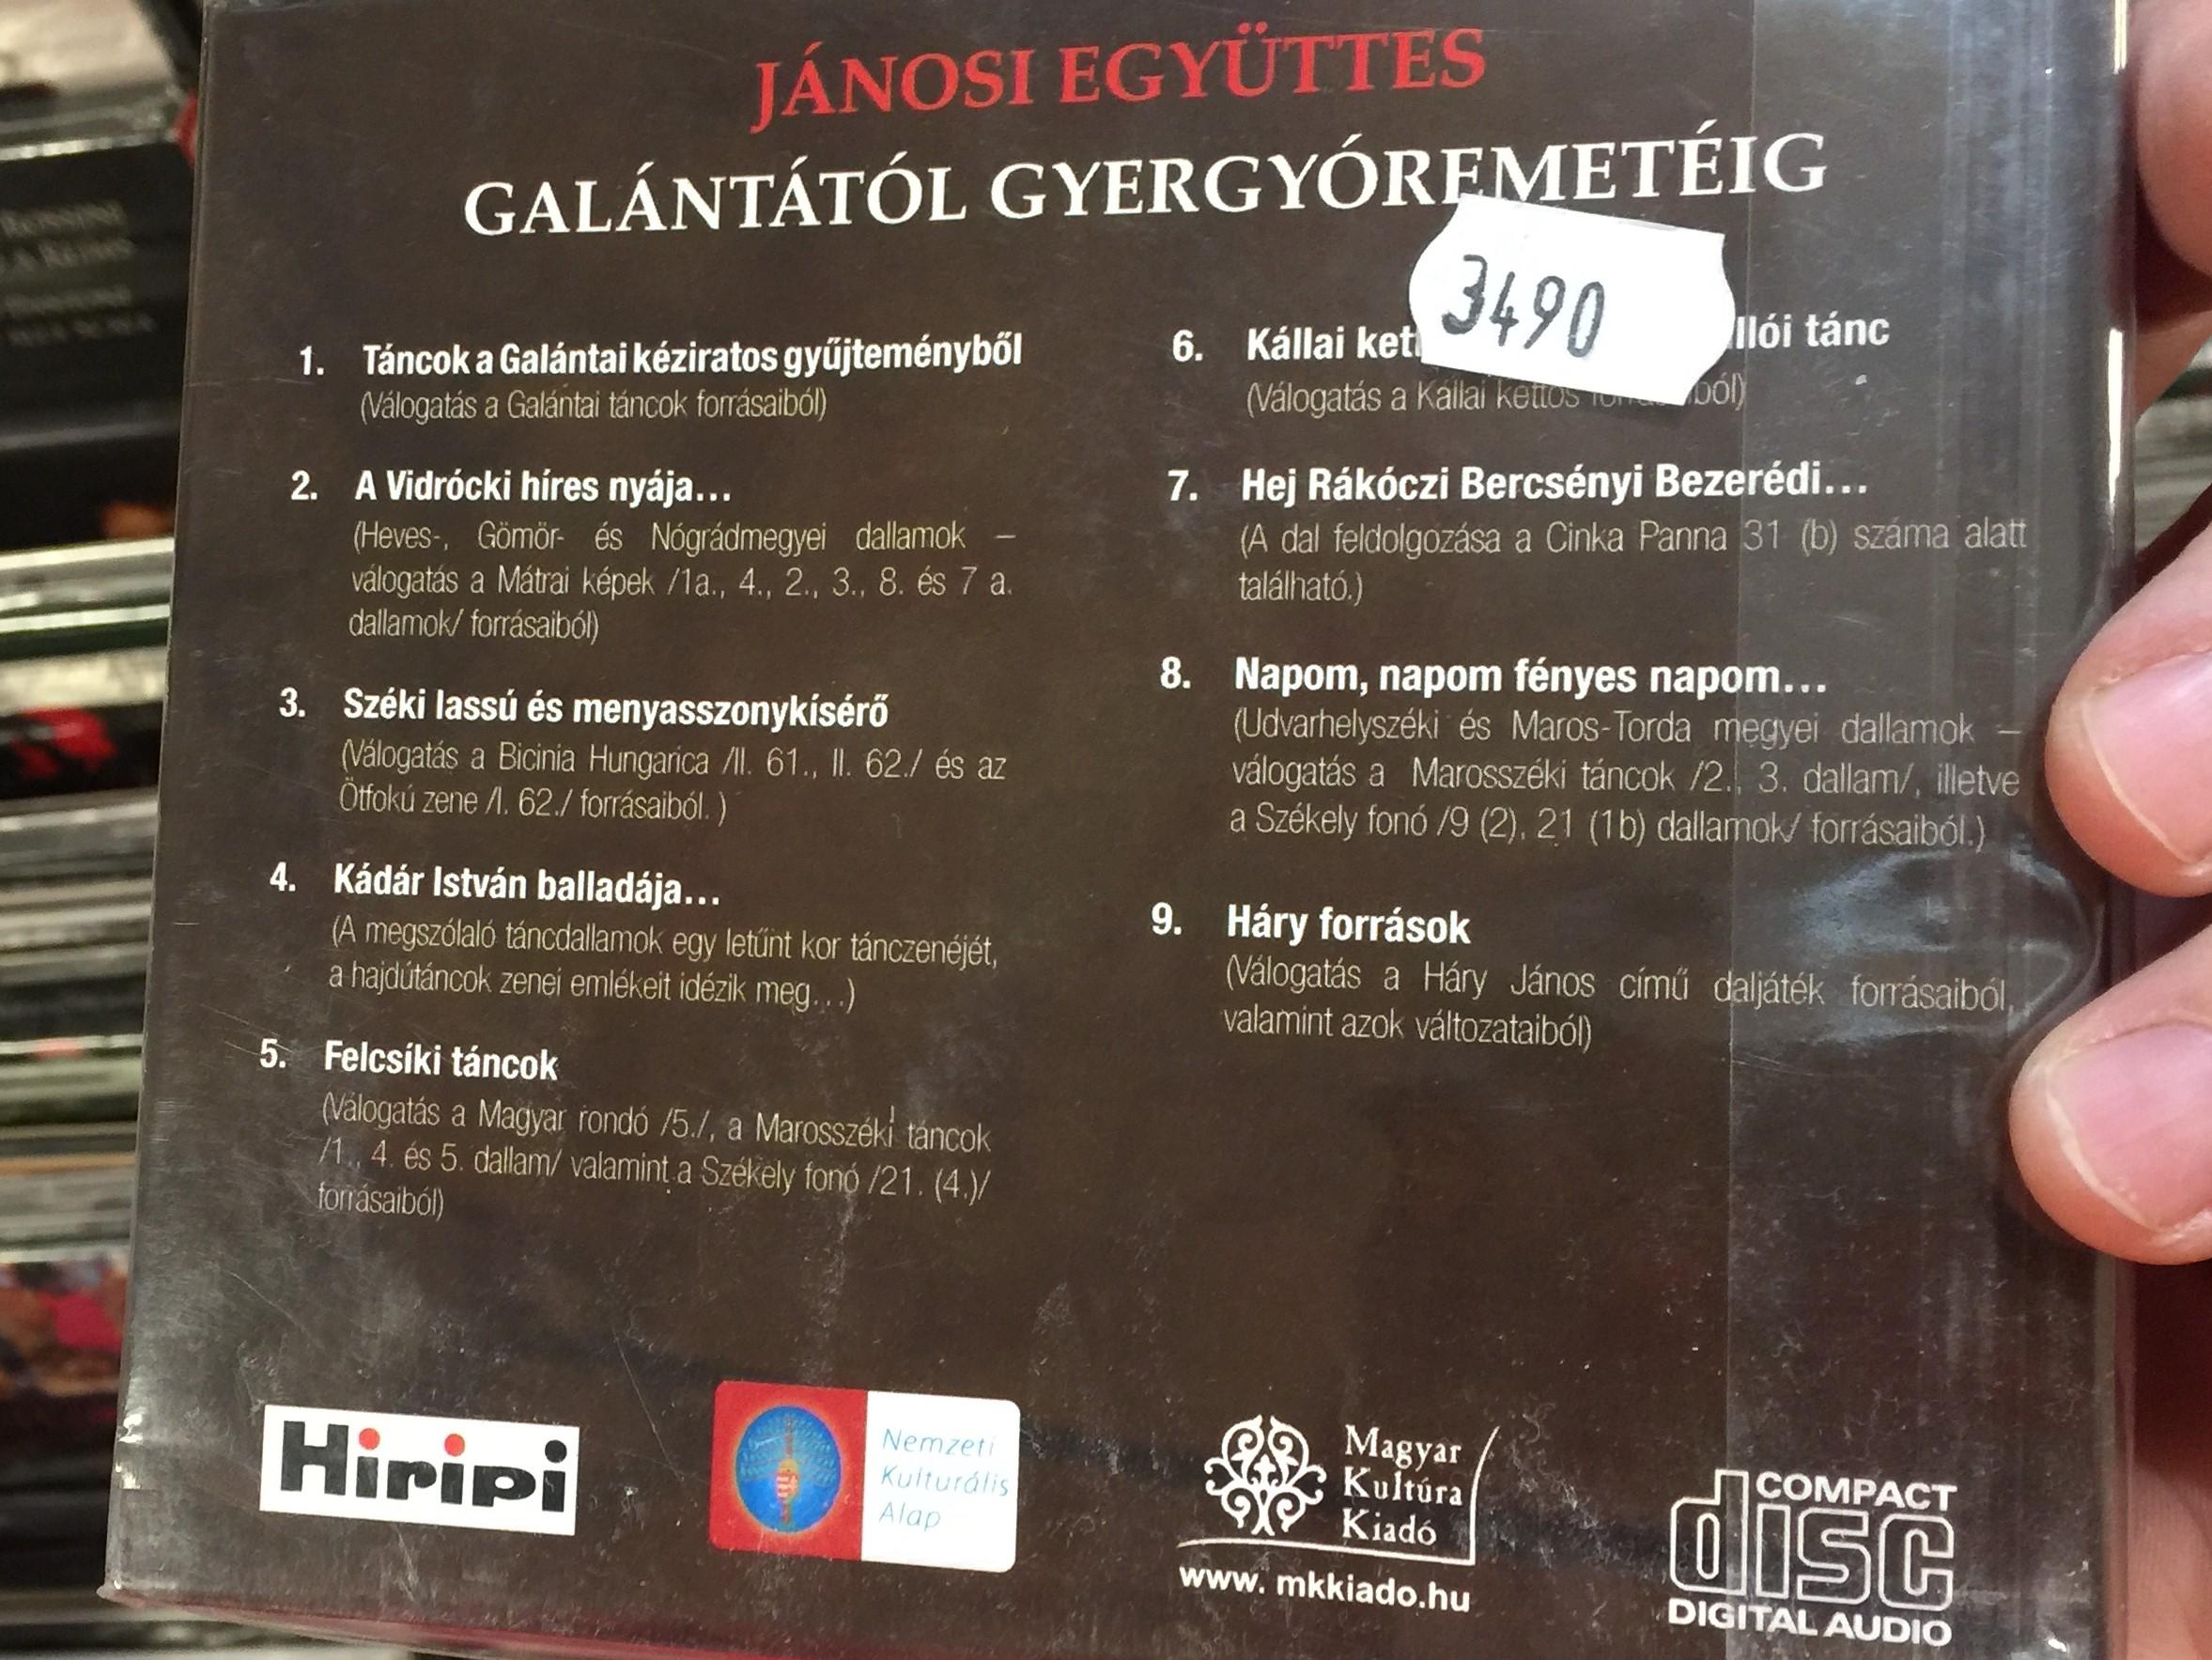 janosi-egyuttes-galantatol-gyergyoremeteig-kodaly-forrasok-magyar-kultura-kiado-audio-cd-2-.jpg